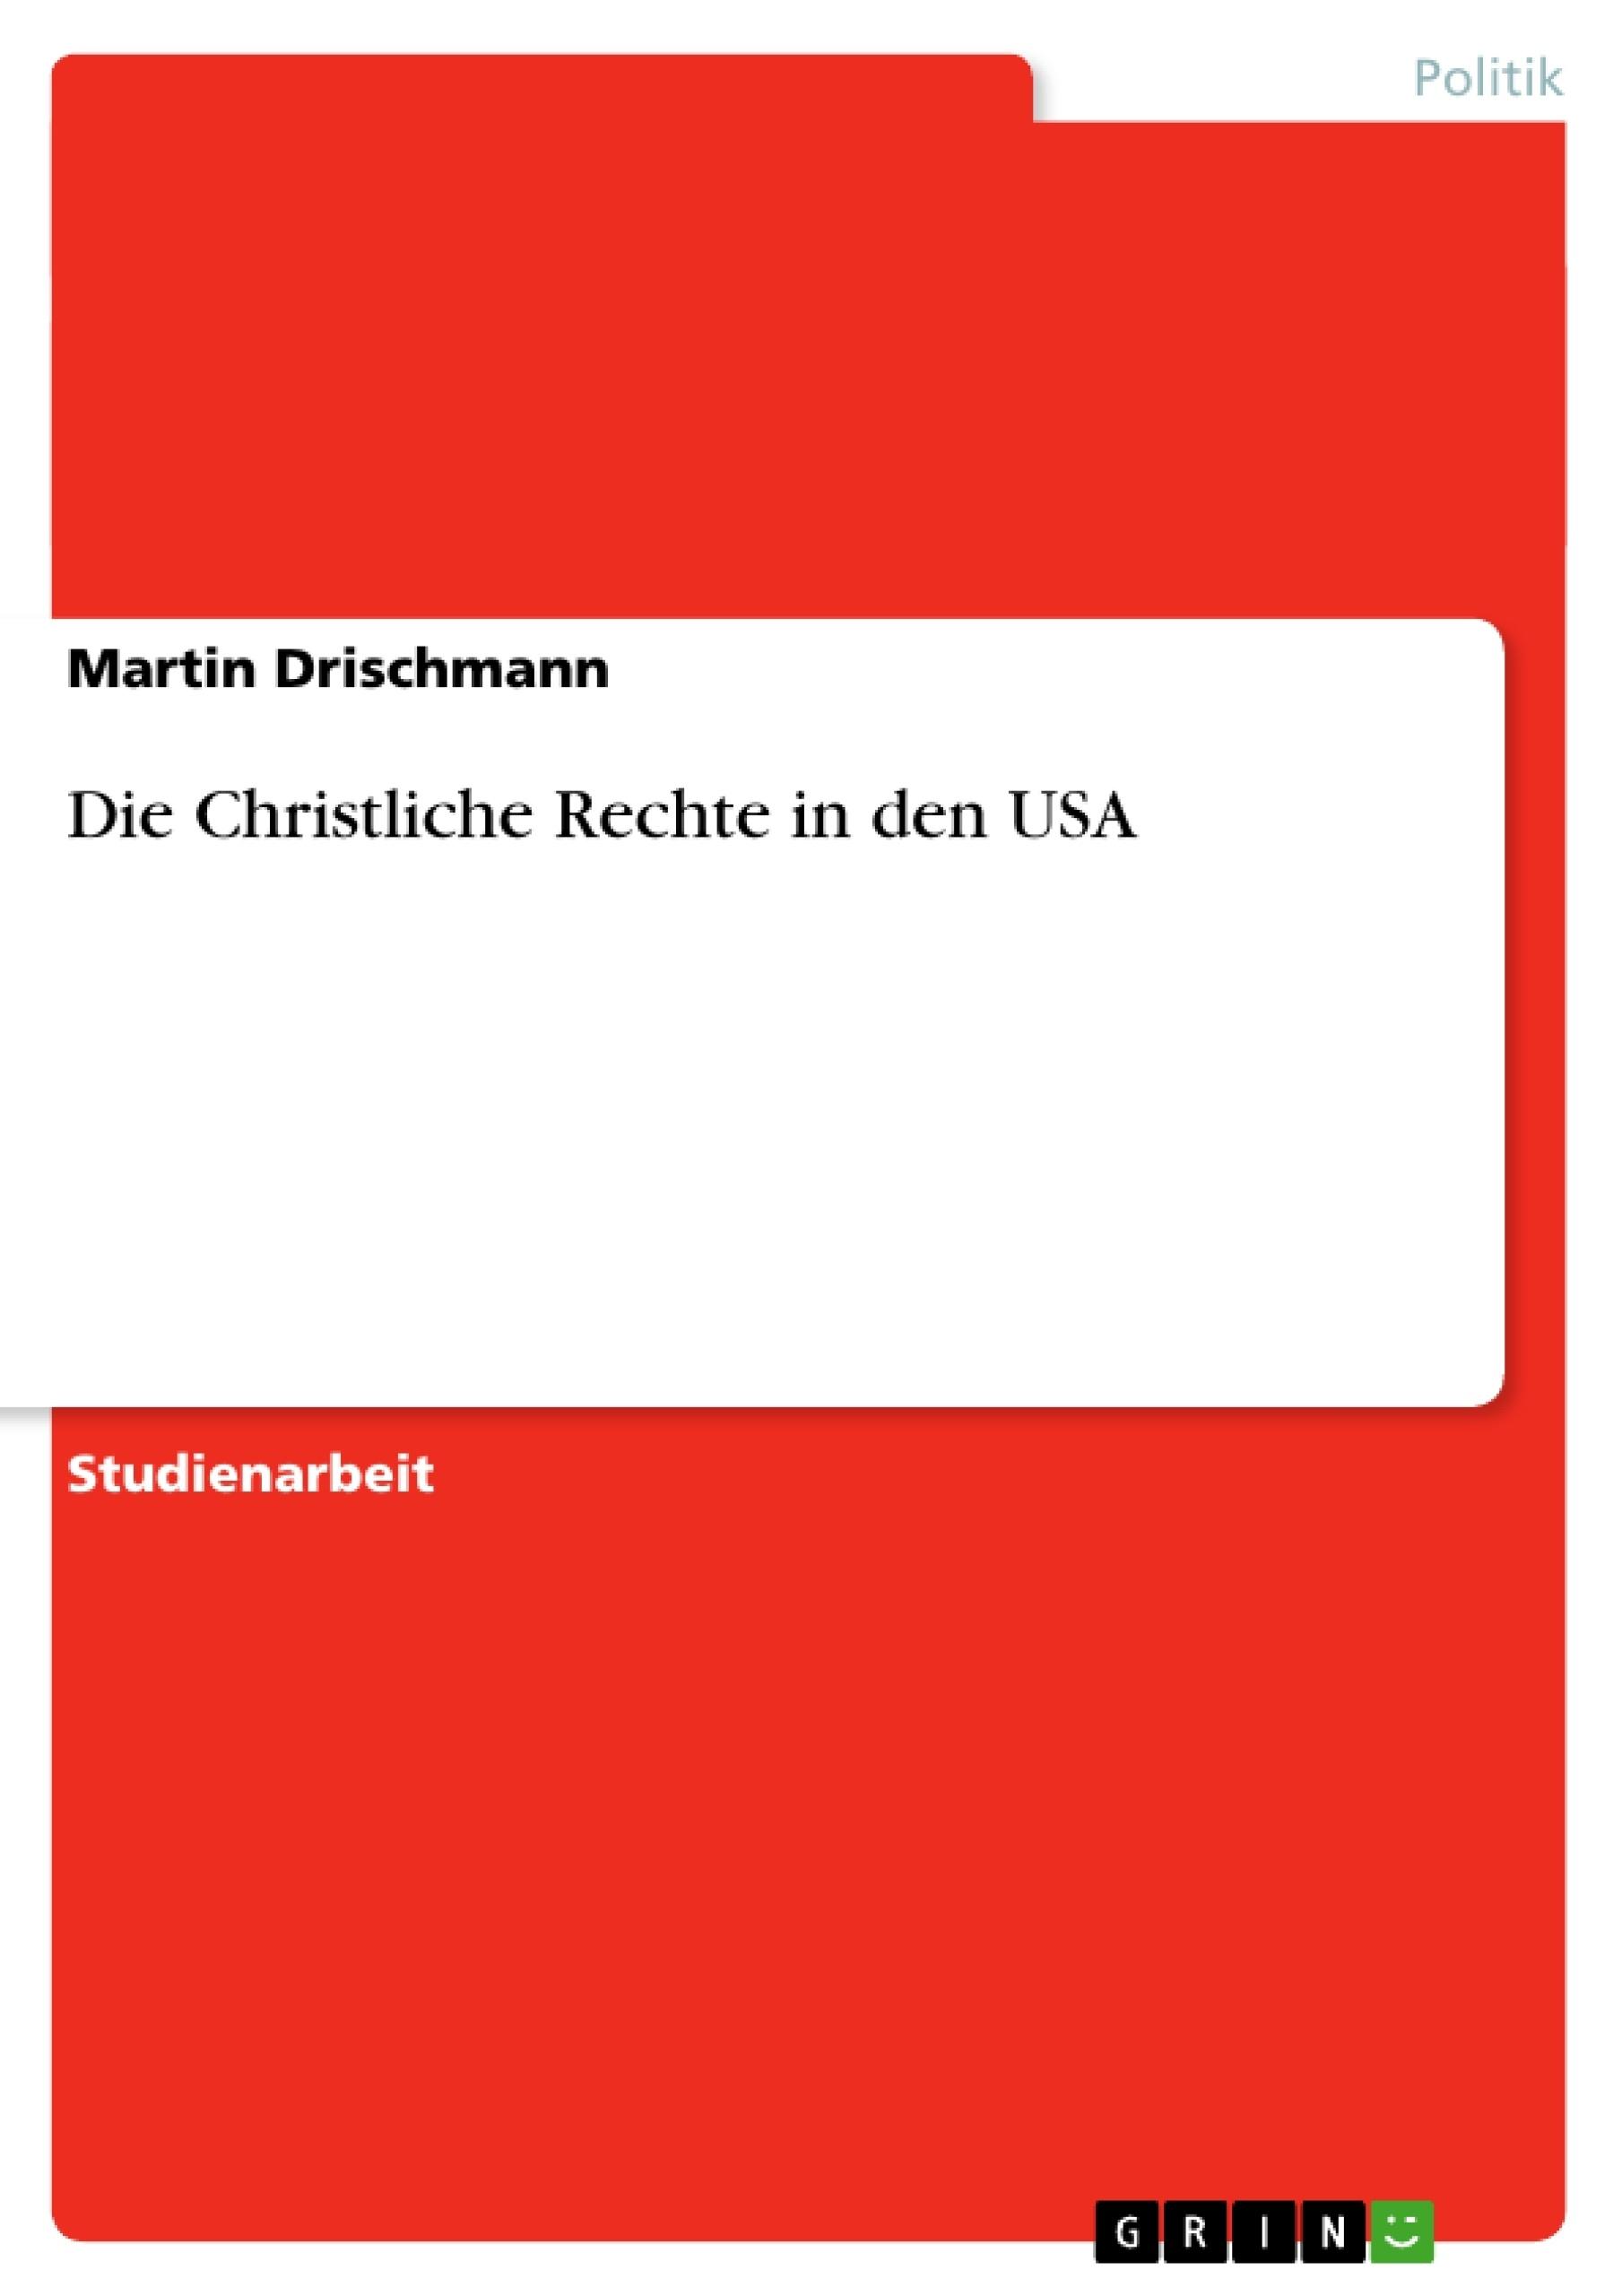 Titel: Die Christliche Rechte in den USA